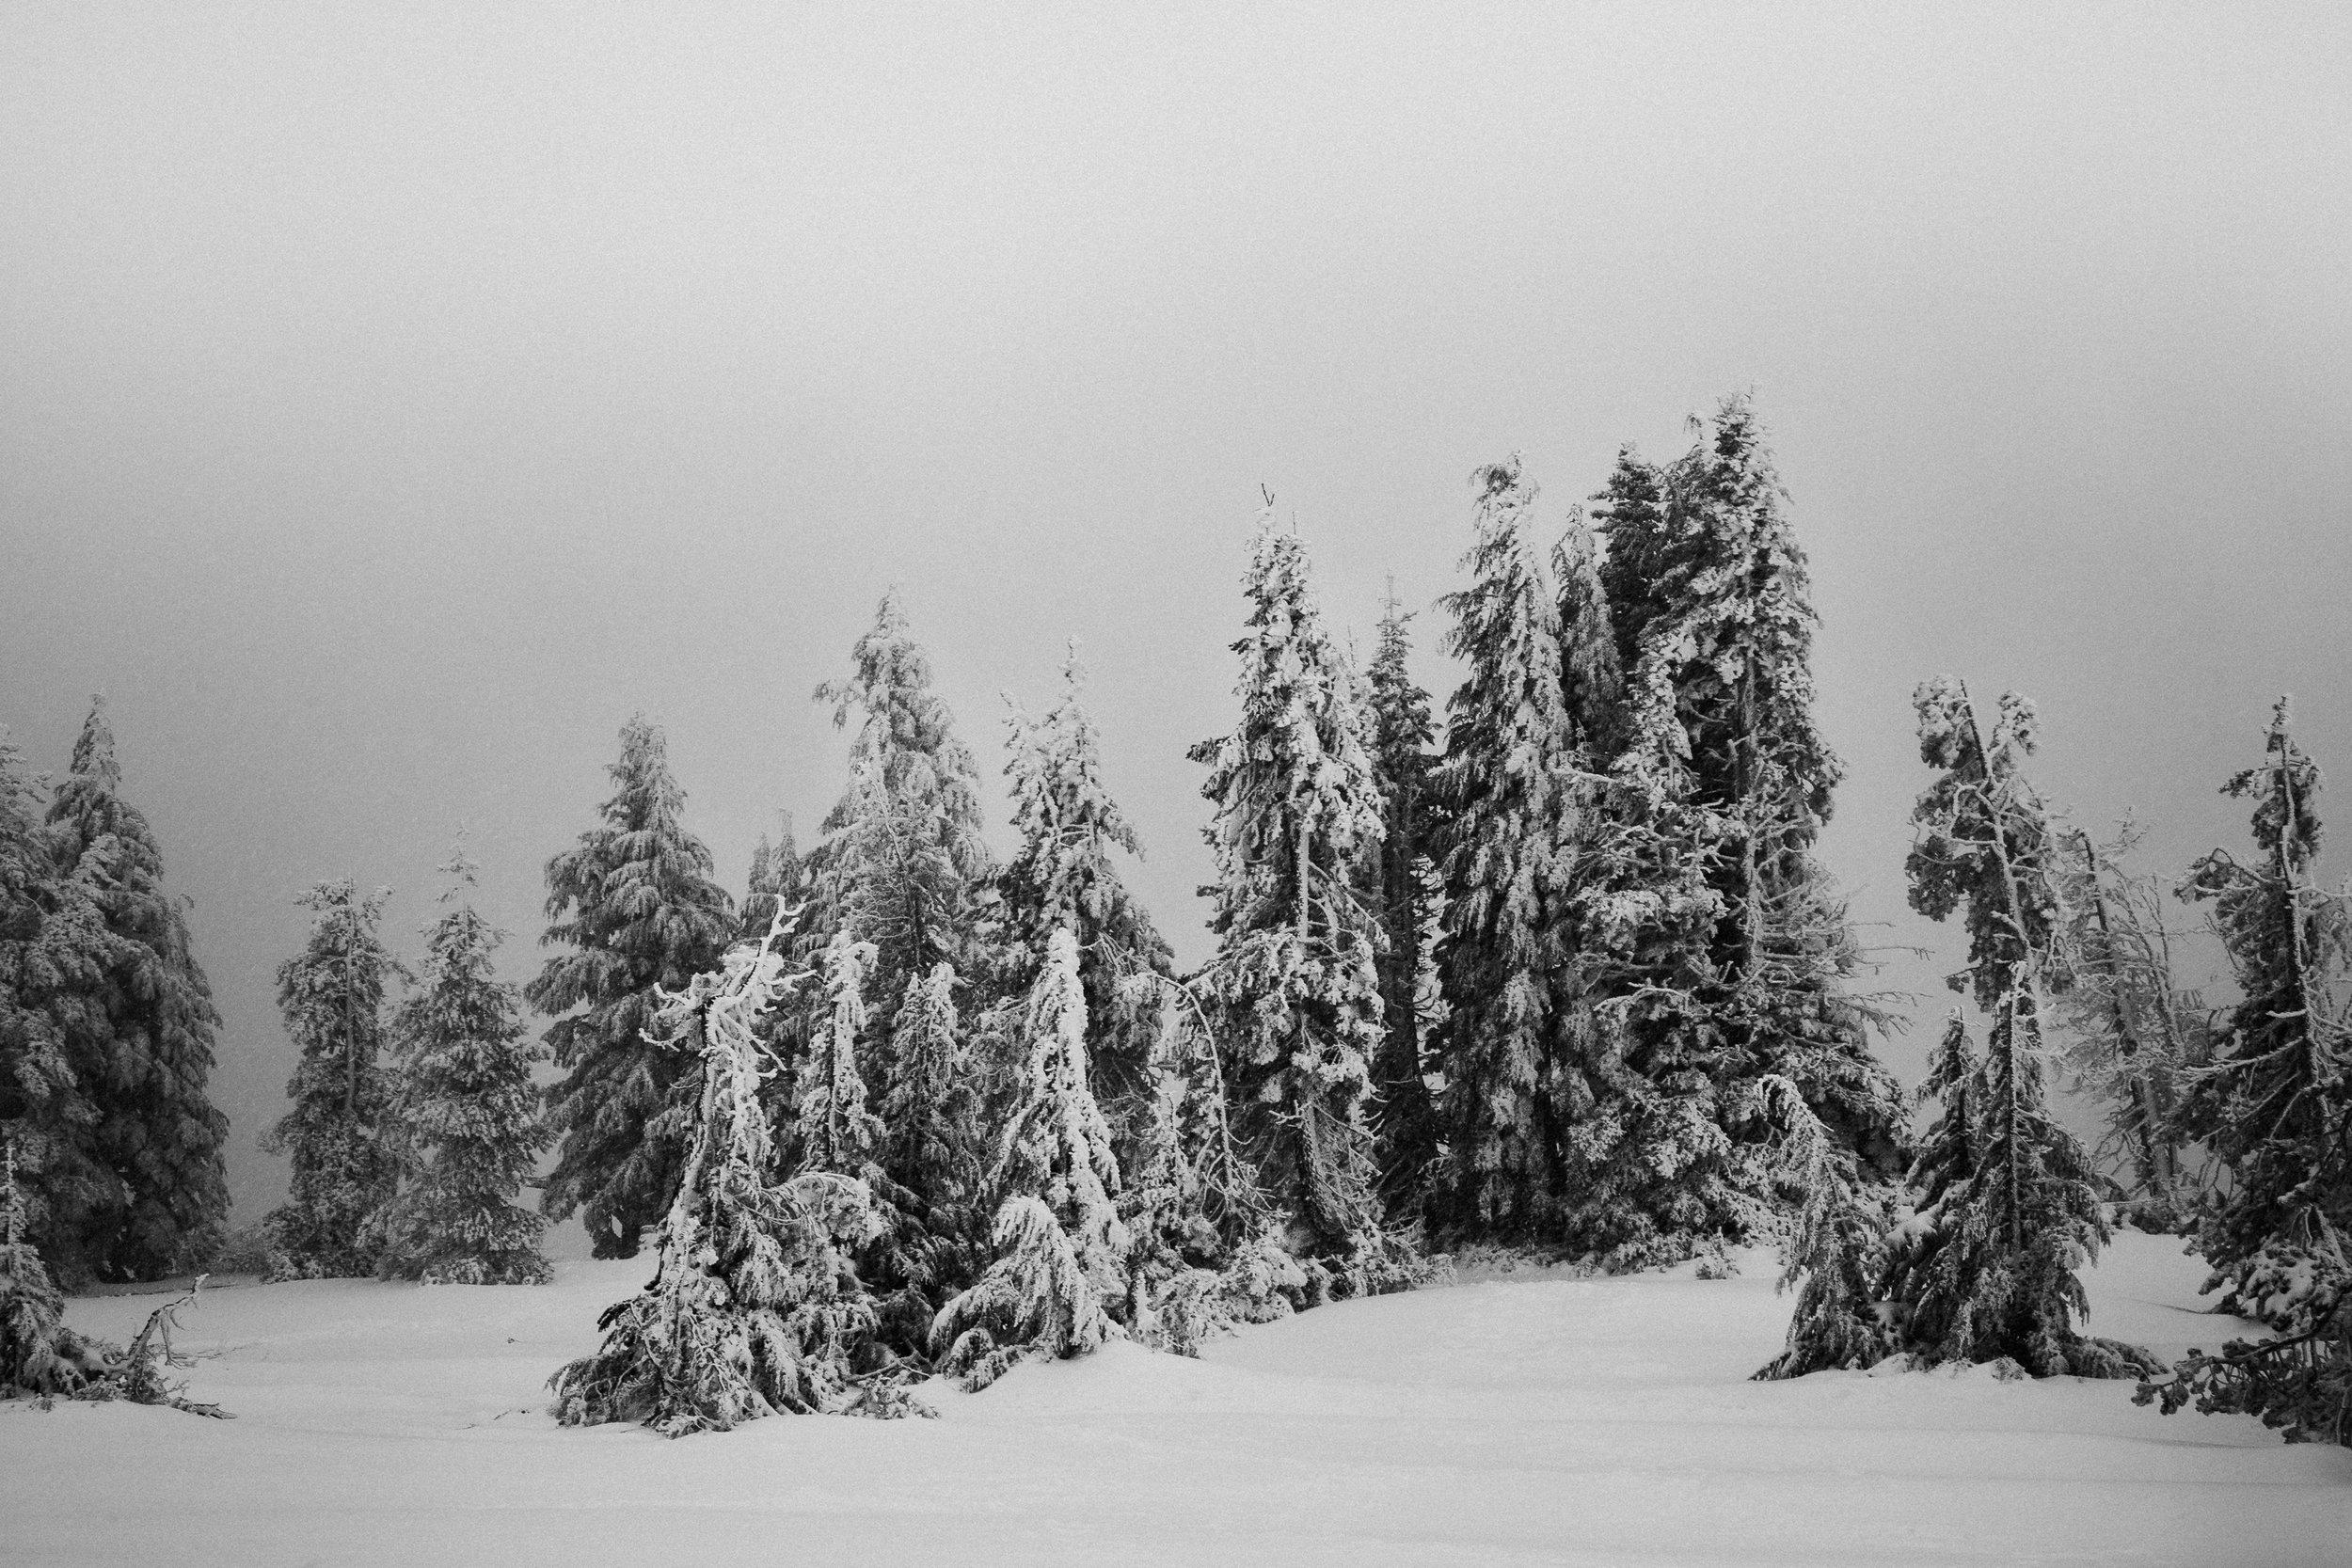 Winter_Wonderland-6.jpg